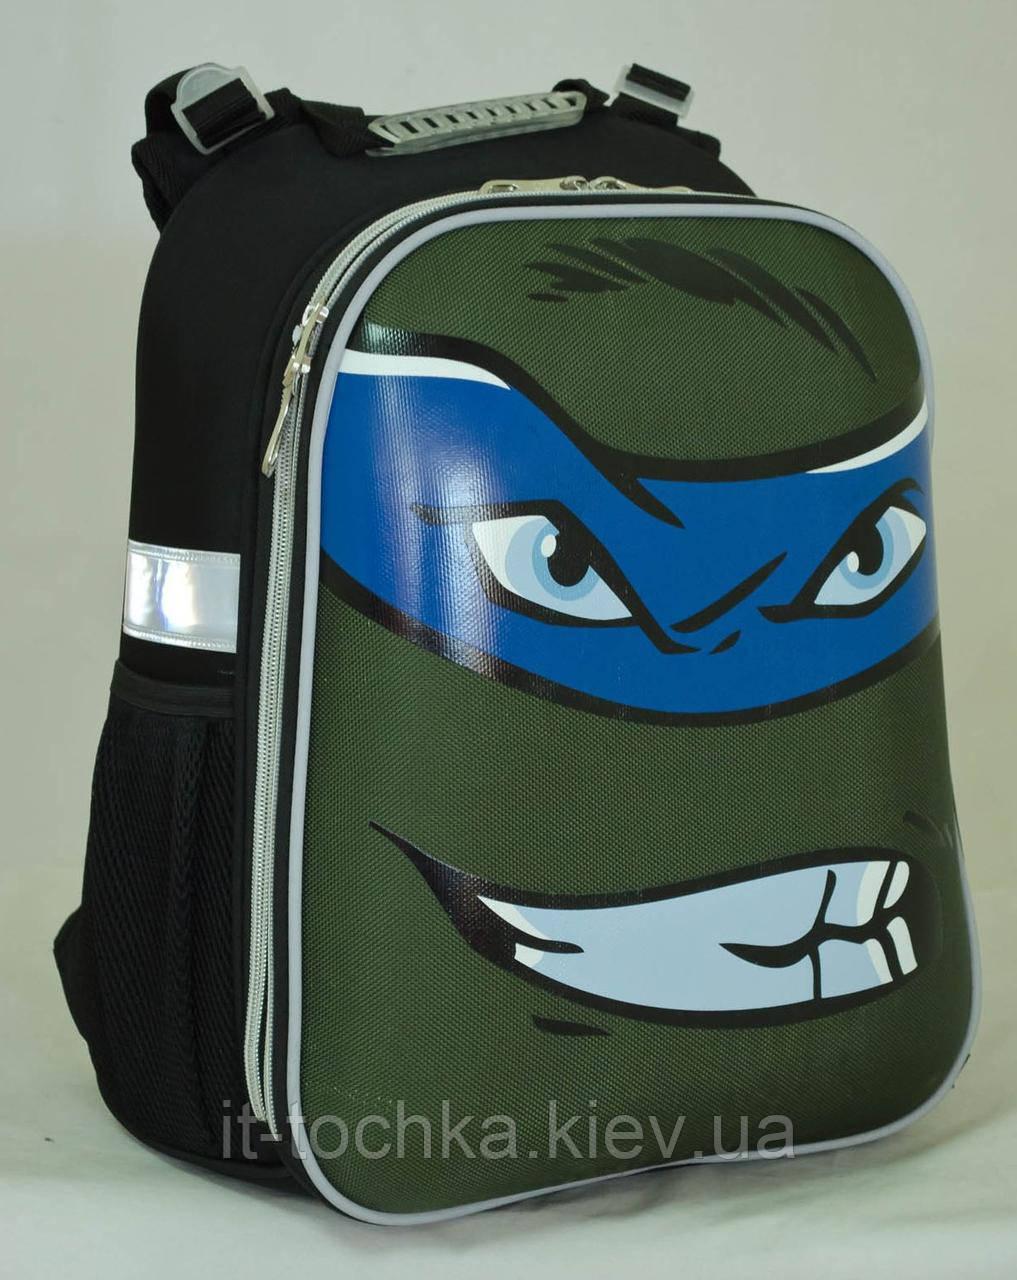 Школьный каркасный рюкзак 1 Вересня yes h-12 turtles face (553345)